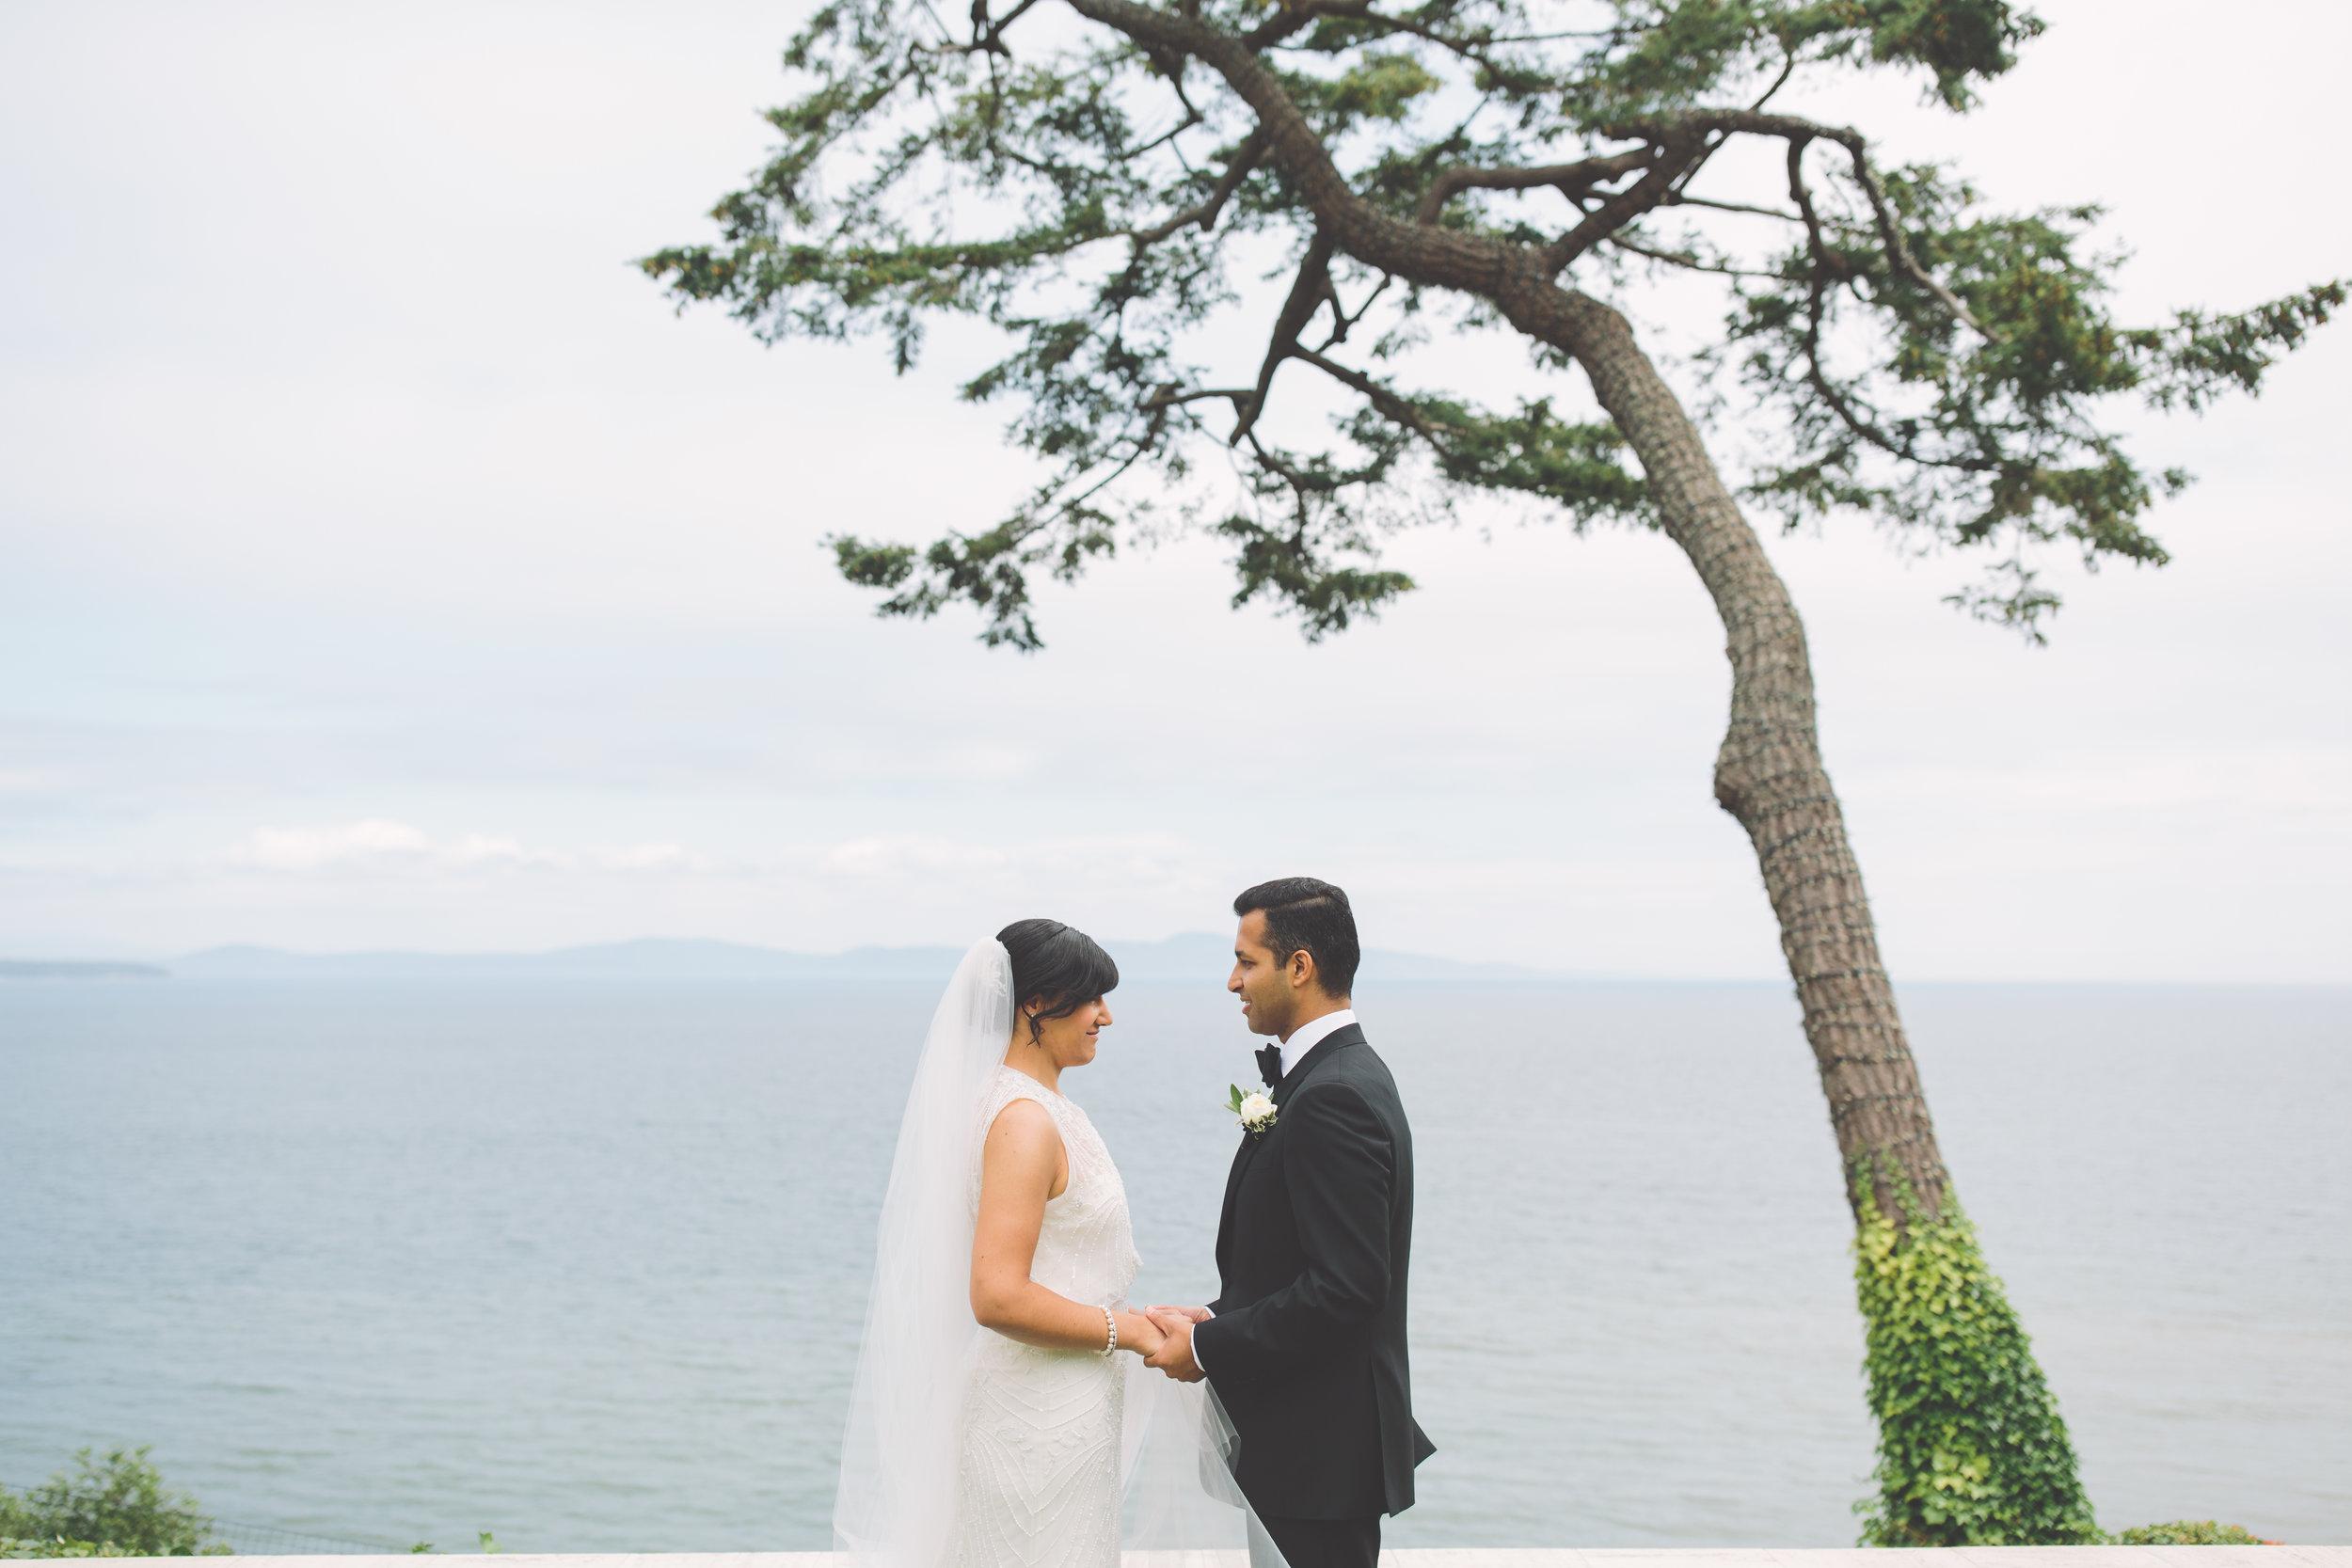 Jen & Girish Wedding-0107.jpg.jpg